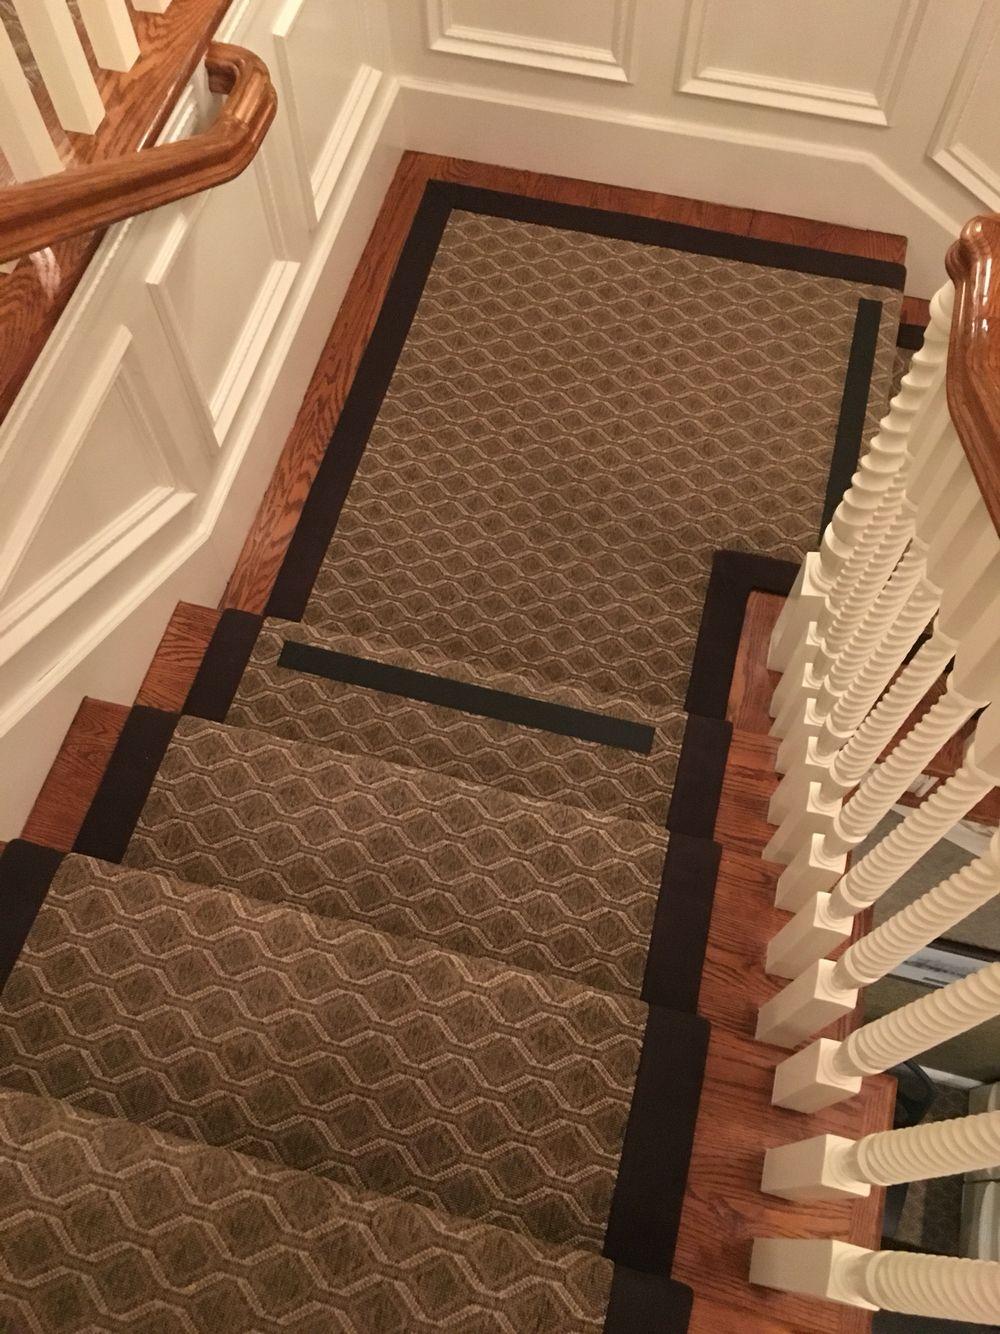 Stanton Indoor Outdoor Carpet Fabricated Into Stair Runner At | Outdoor Stair Carpet Runner | Anti Slip Stair | Porch | Flooring | Carpet Workroom | Indoor Outdoor